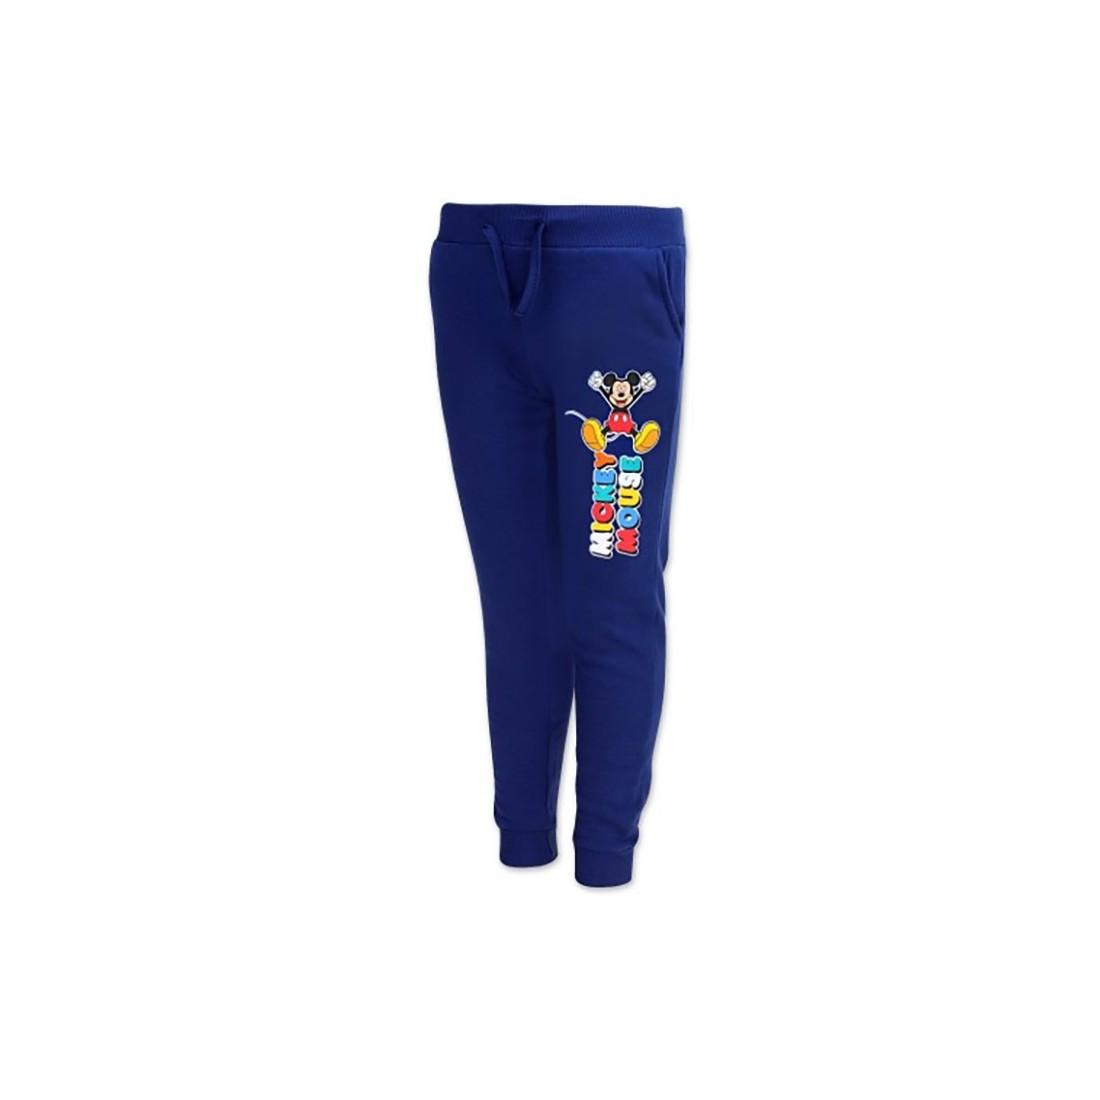 Spodnie dresowe dresy Myszka Mickey 98 104 116 128